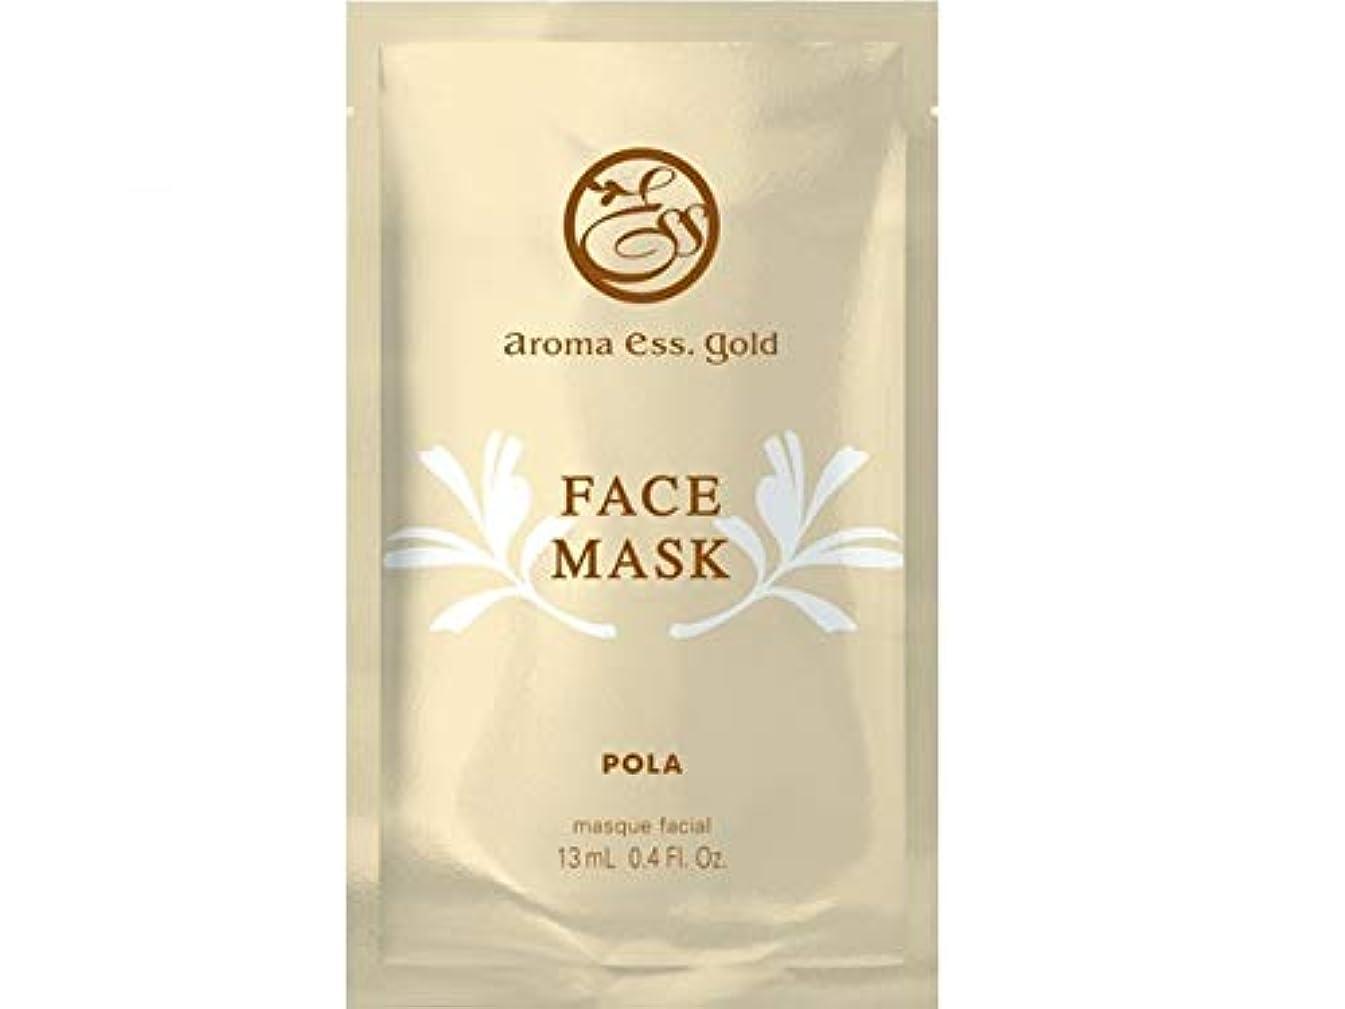 エチケット暴動残酷POLA ポーラ aromaessegold アロマエッセゴールド フェイスマスク face mask 30枚セット 追跡可能メール便